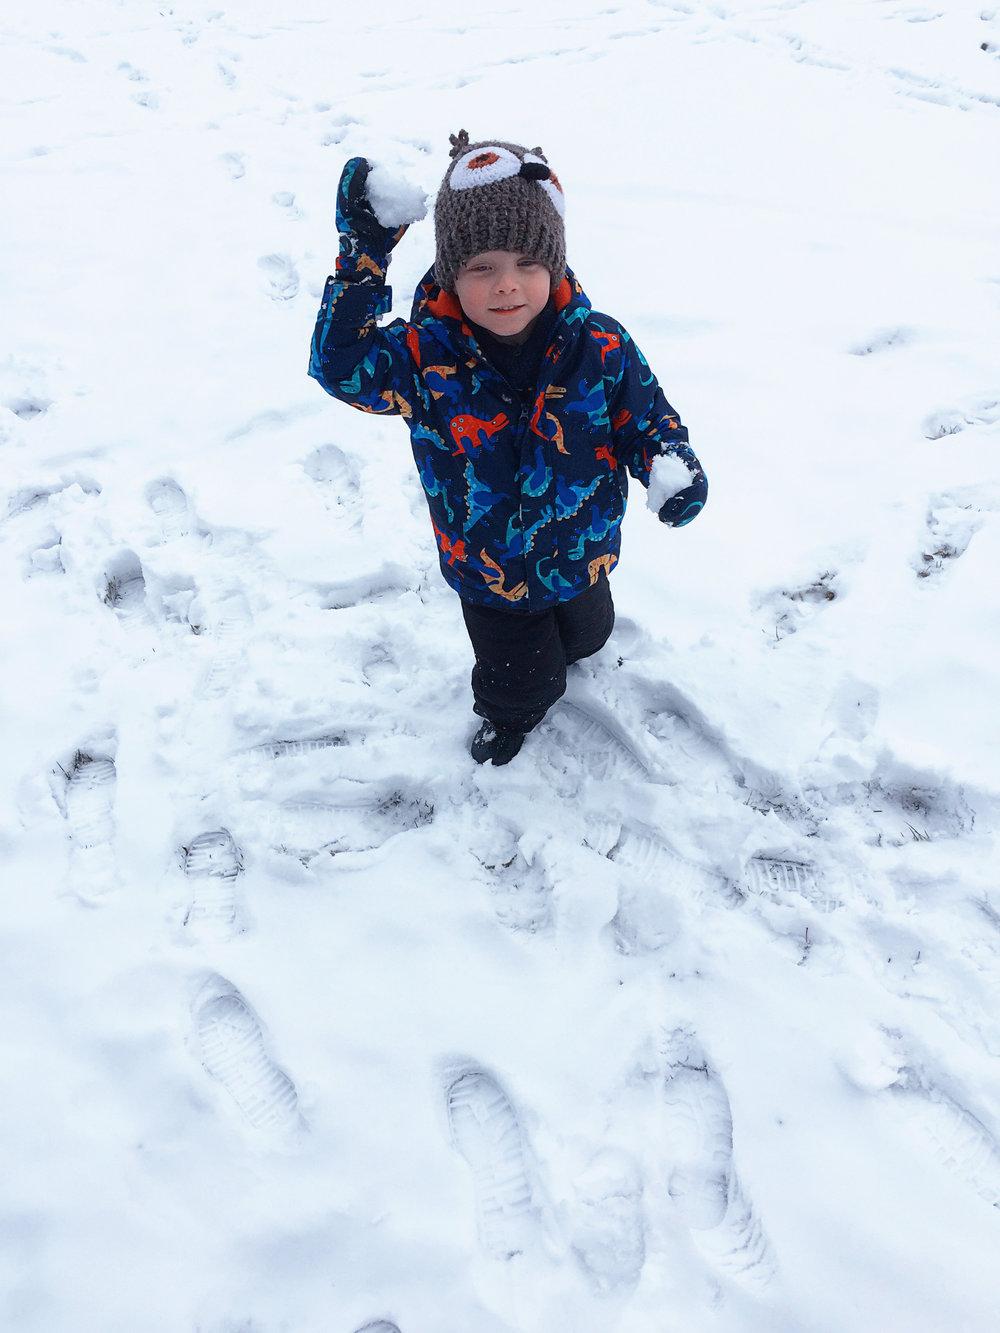 2017 12 18 Caden Snow 01.jpg